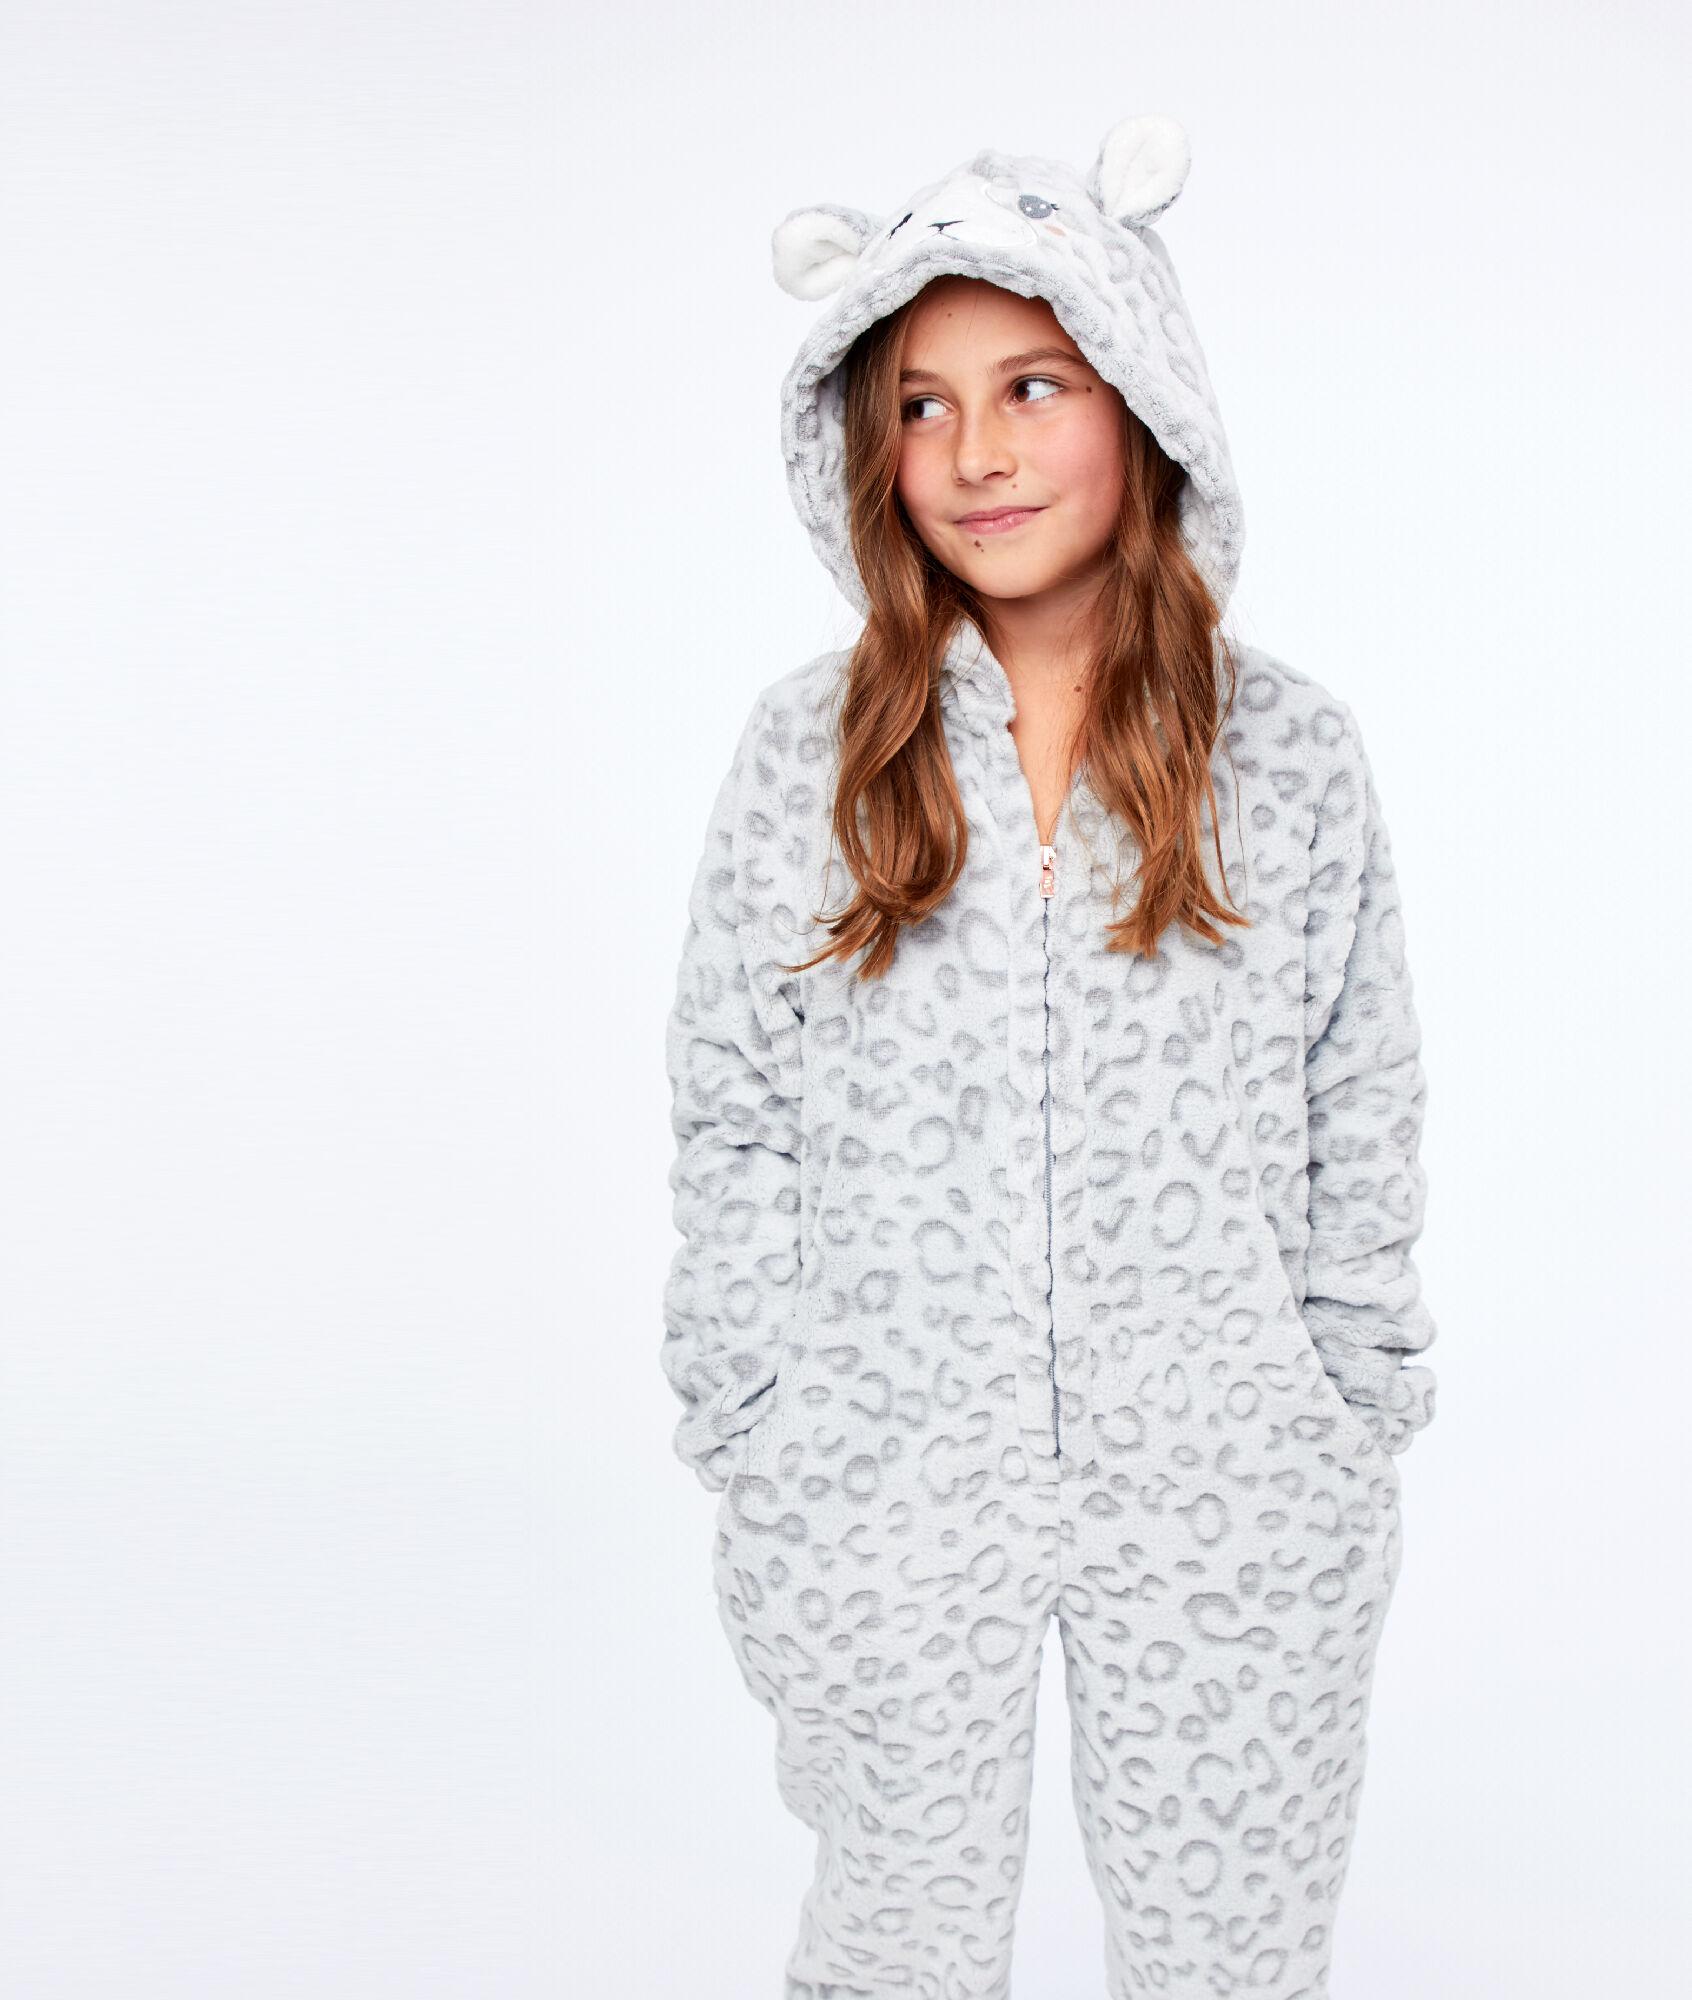 012af3af9e2ef Combinaison pyjama Panthère enfant - MALINE - GRIS - Etam